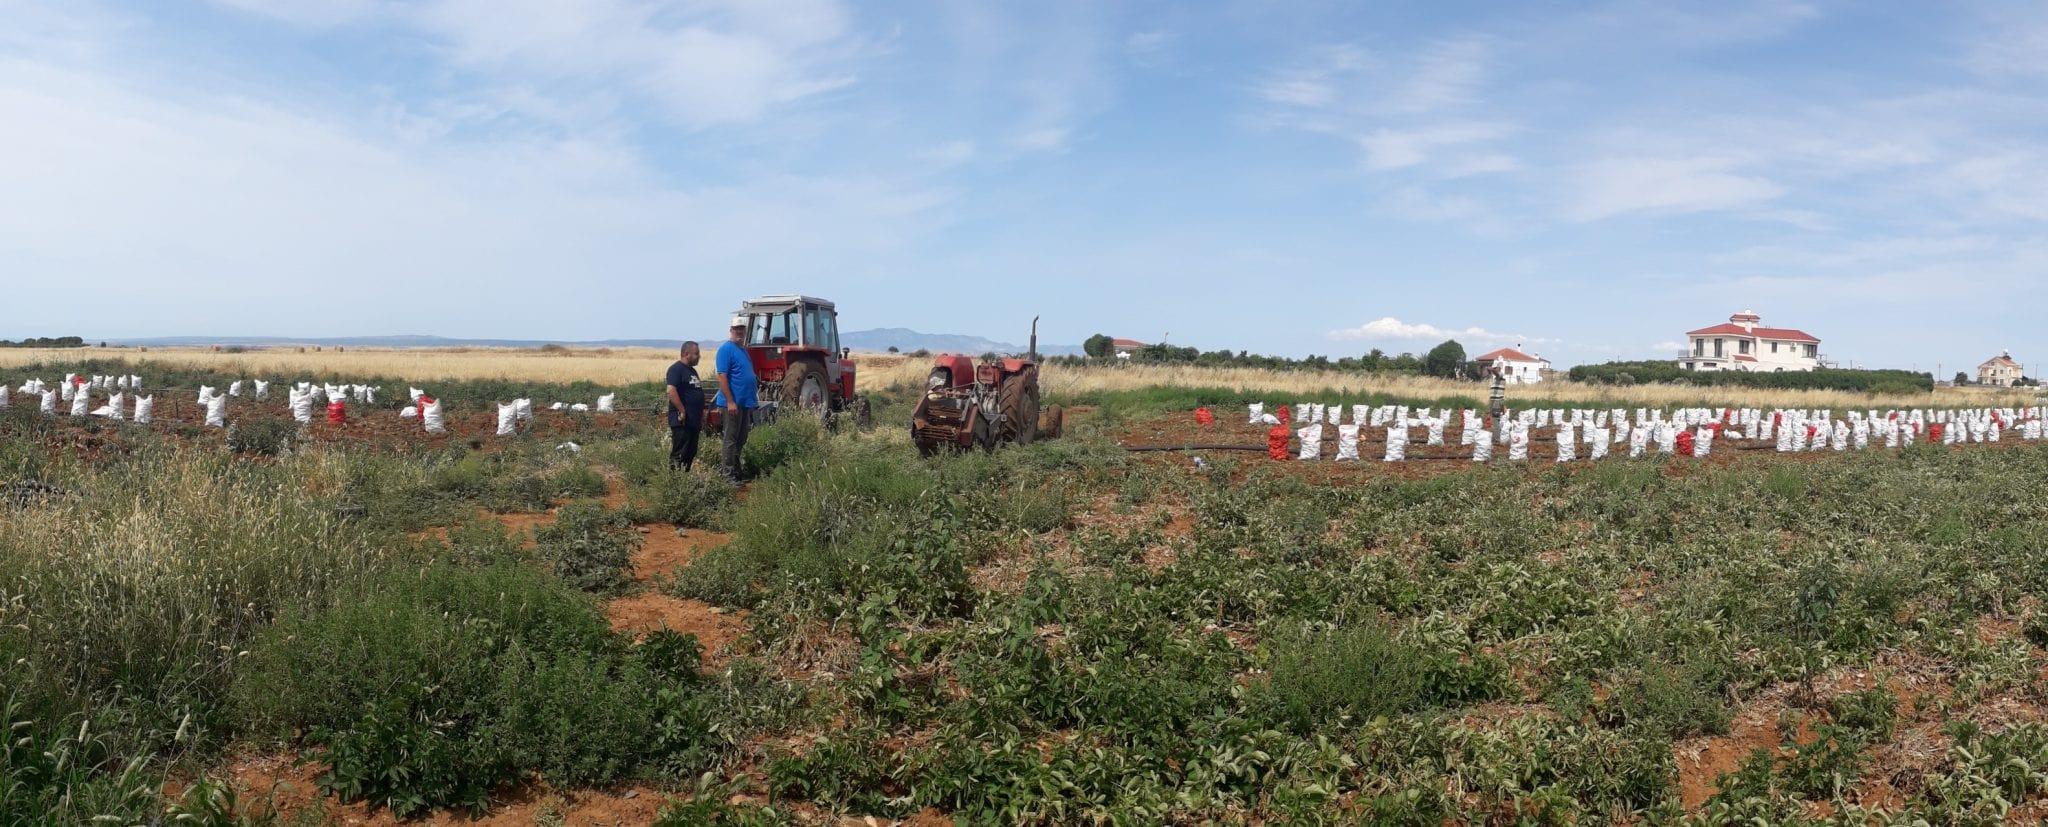 KKTC'de patates hasatı